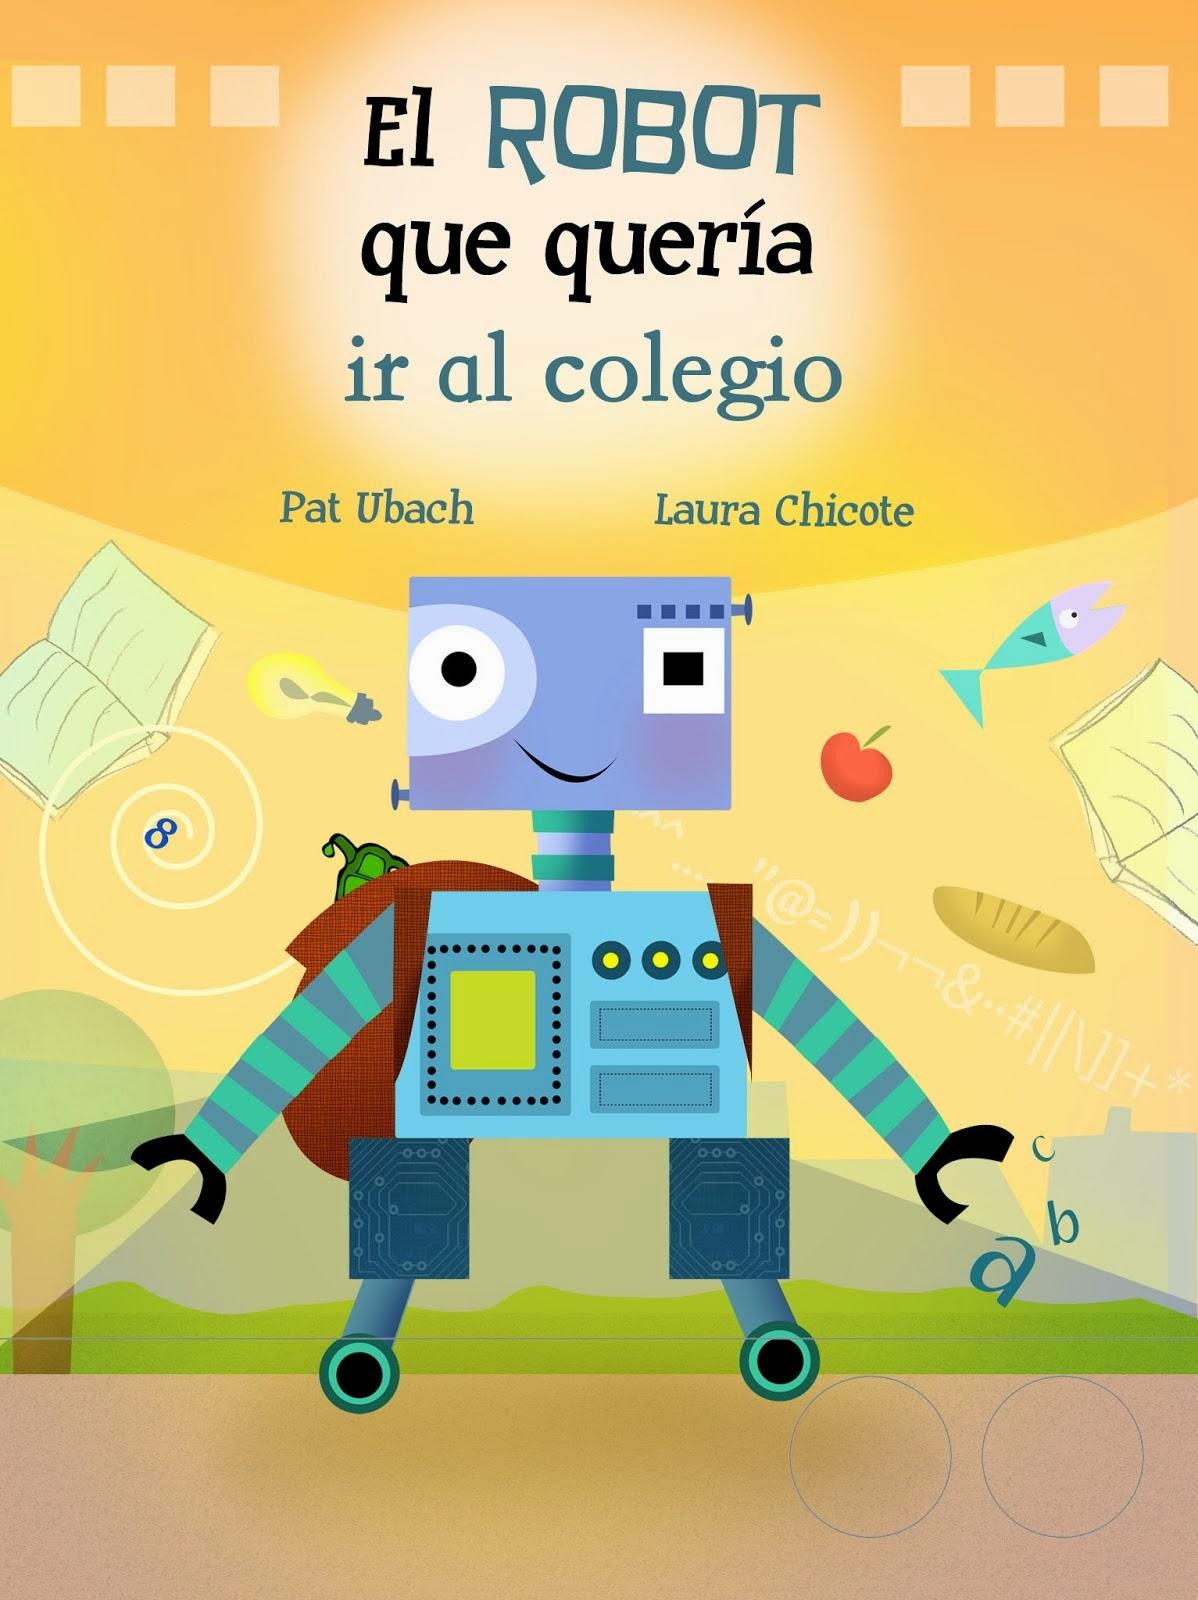 El robot que quería ir al colegio